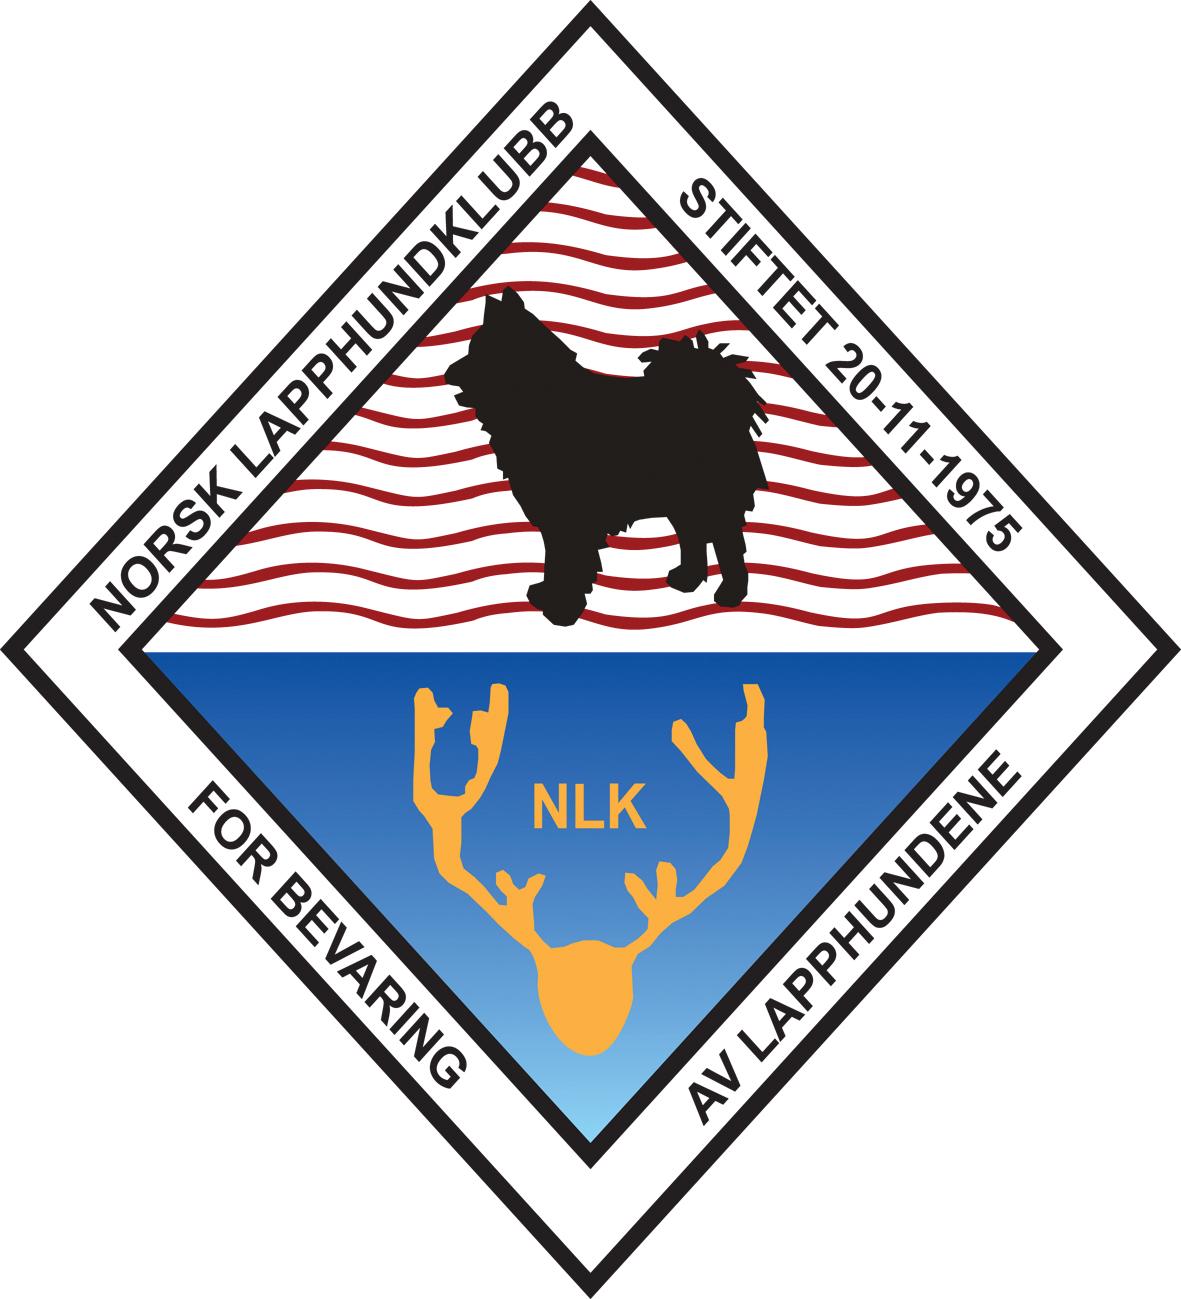 Norsk lapphundklubb